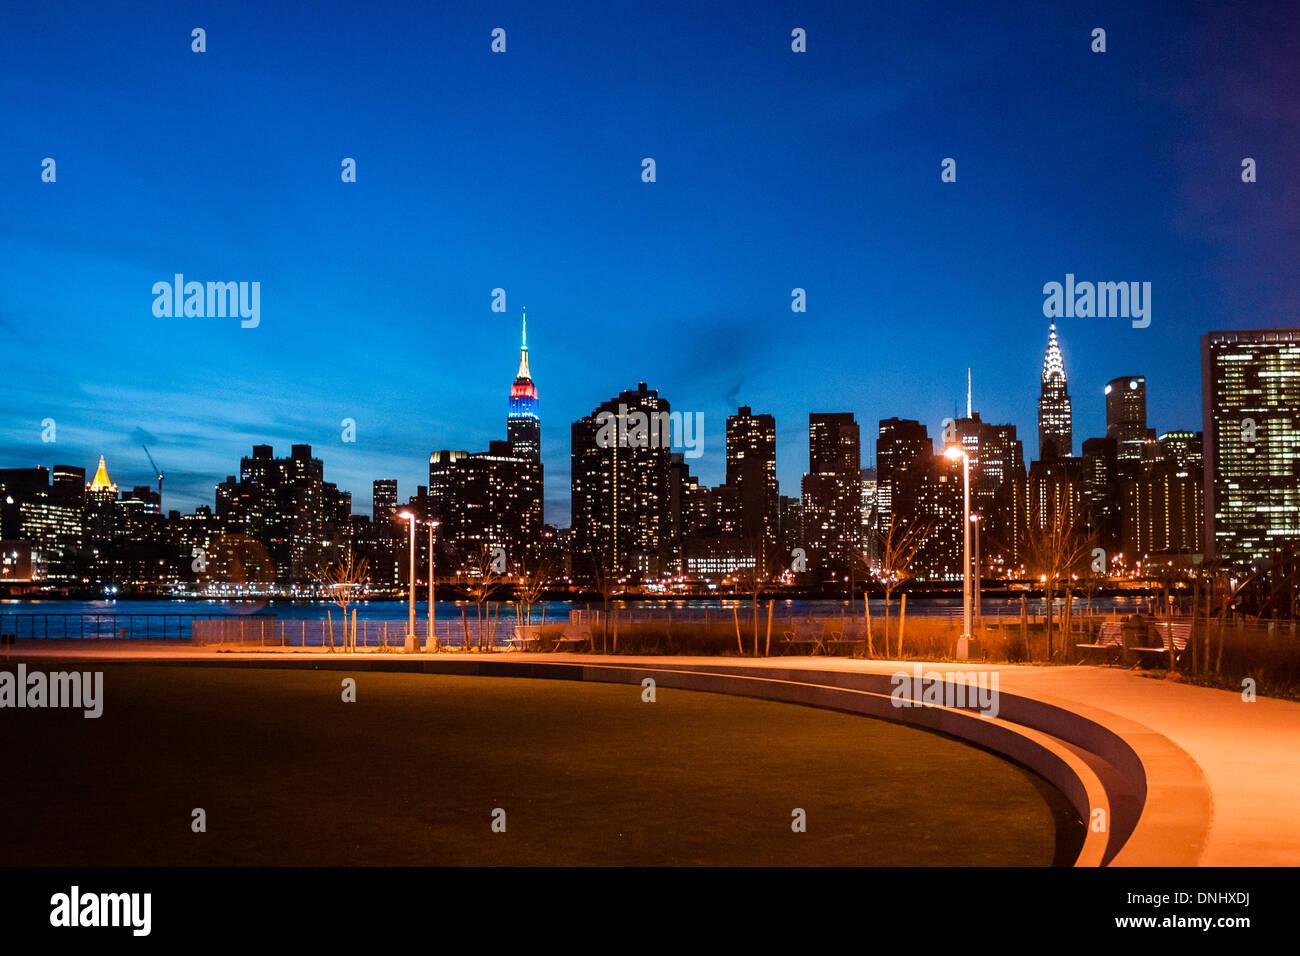 Vista della città di New York Midtown dal gantry Plaza Station Wagon Park nella città di Long Island al tramonto. Immagini Stock